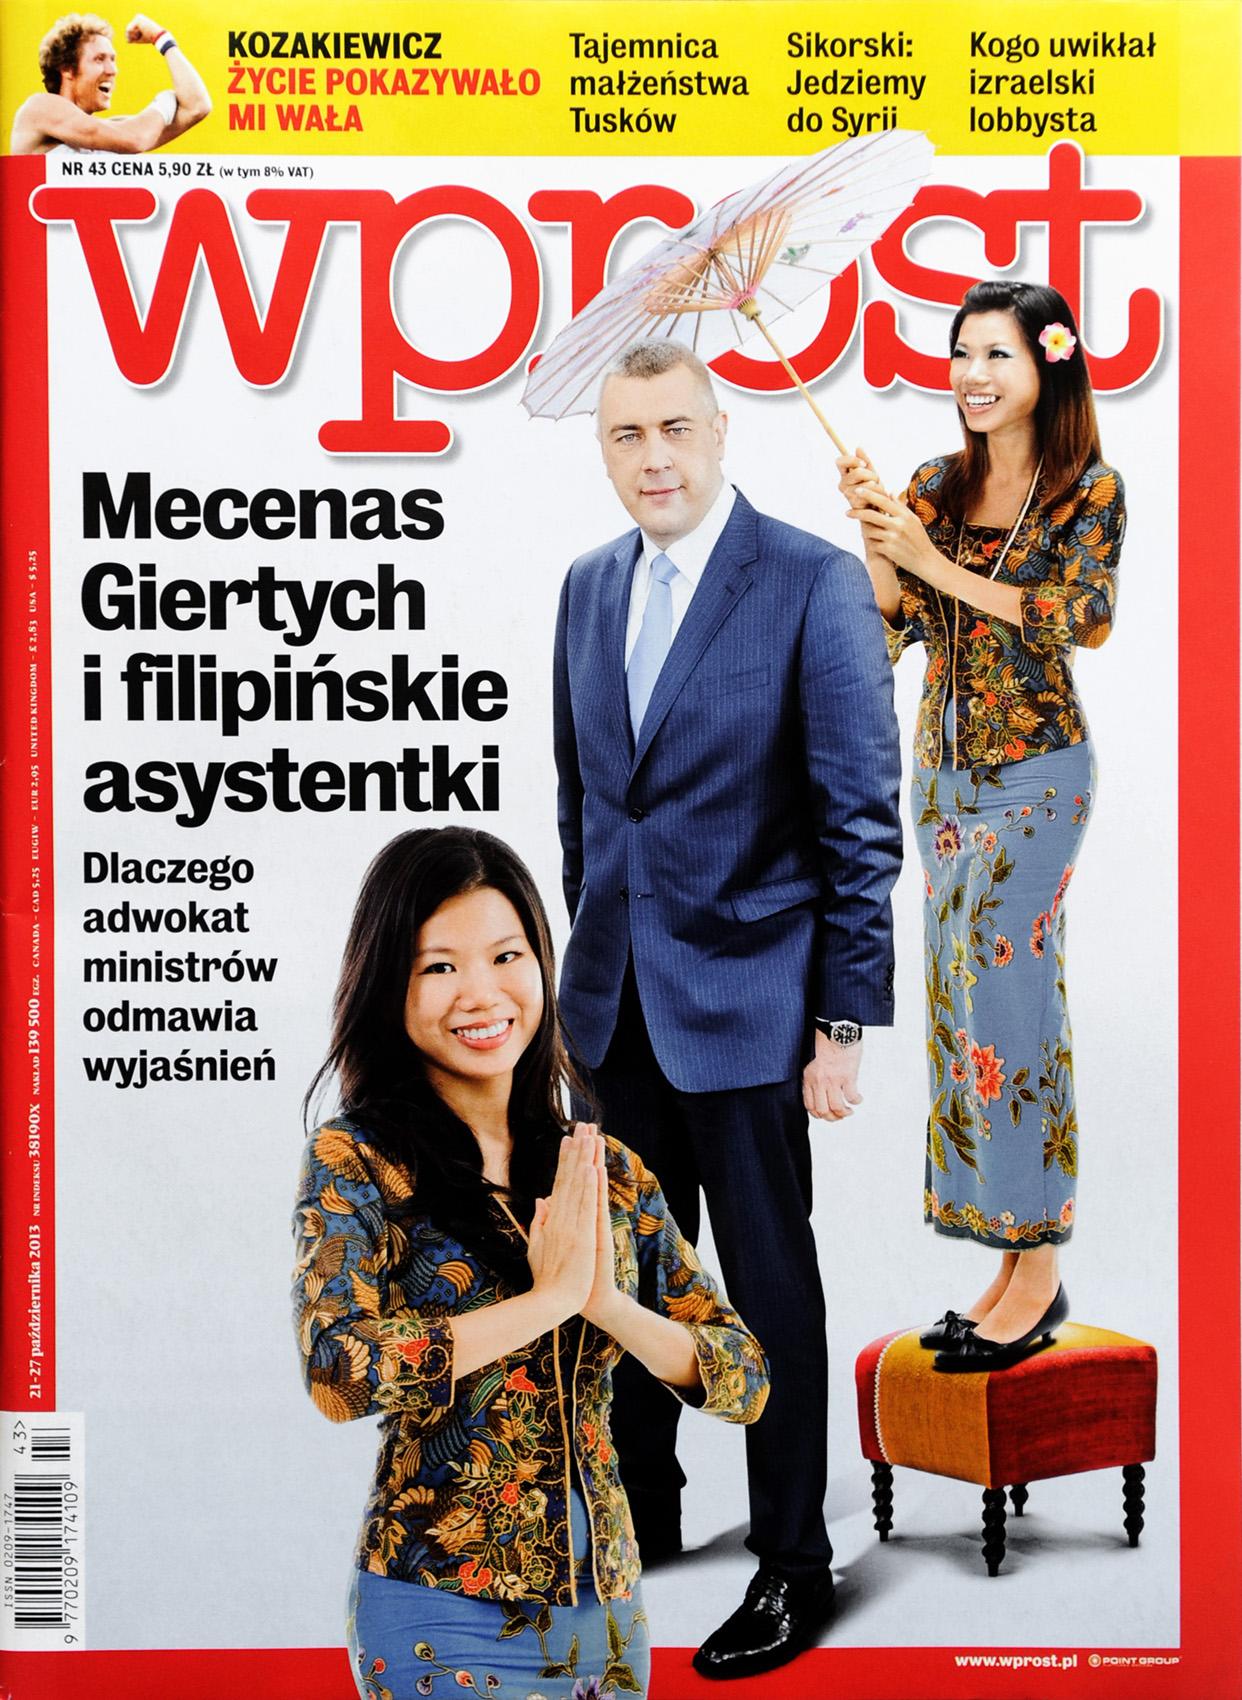 tygodnik WPROST nr 43/2013 r., okładka - Roman Giertych